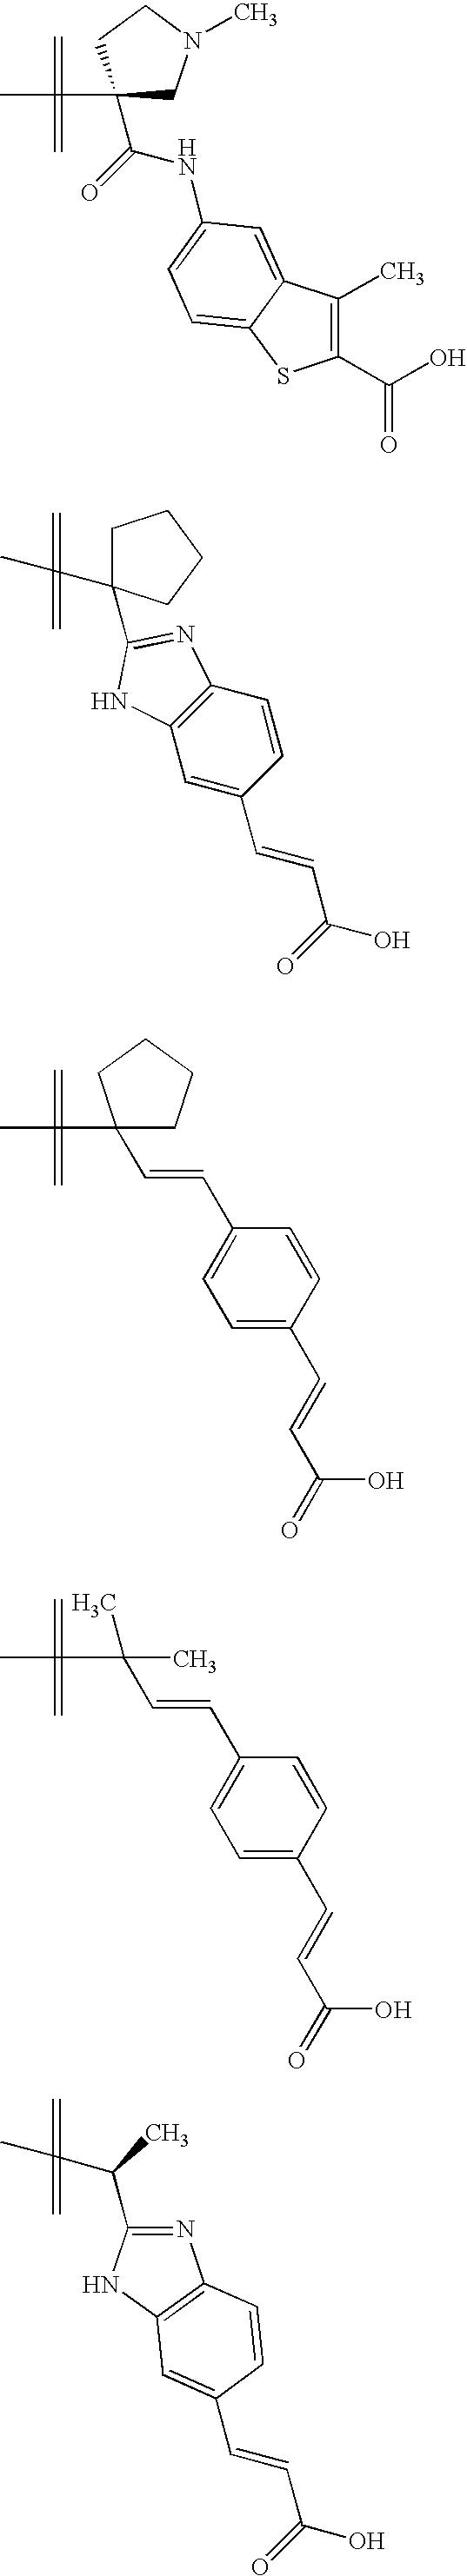 Figure US20070049593A1-20070301-C00151